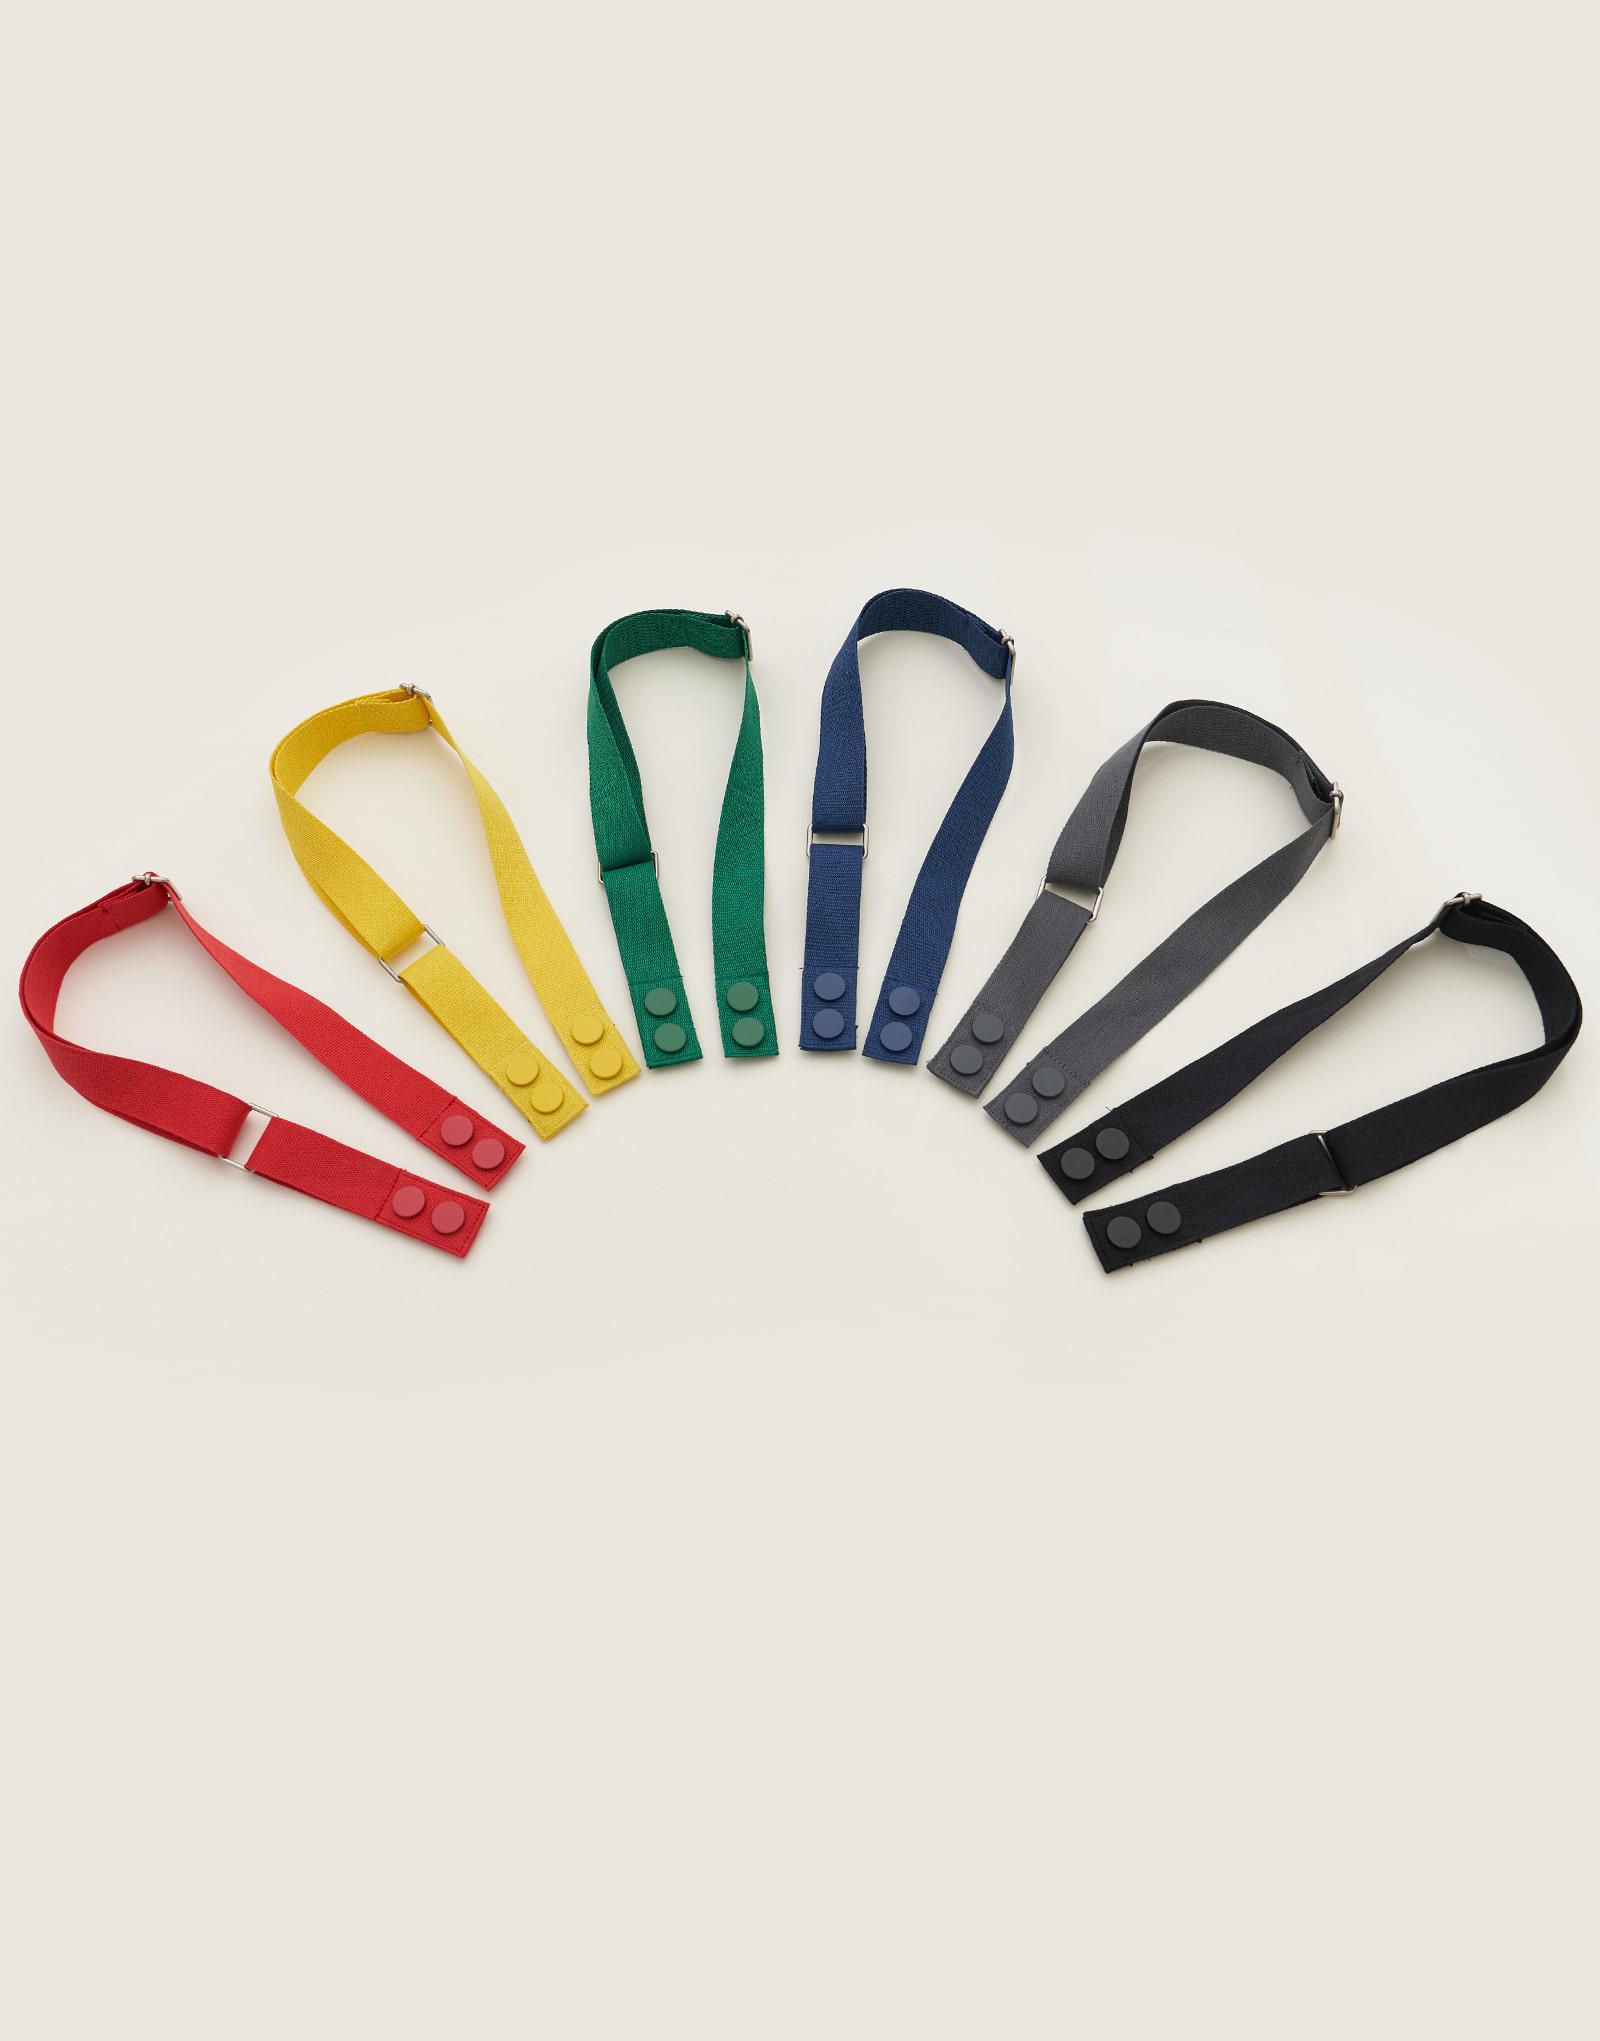 Lego apron strap #AA2001